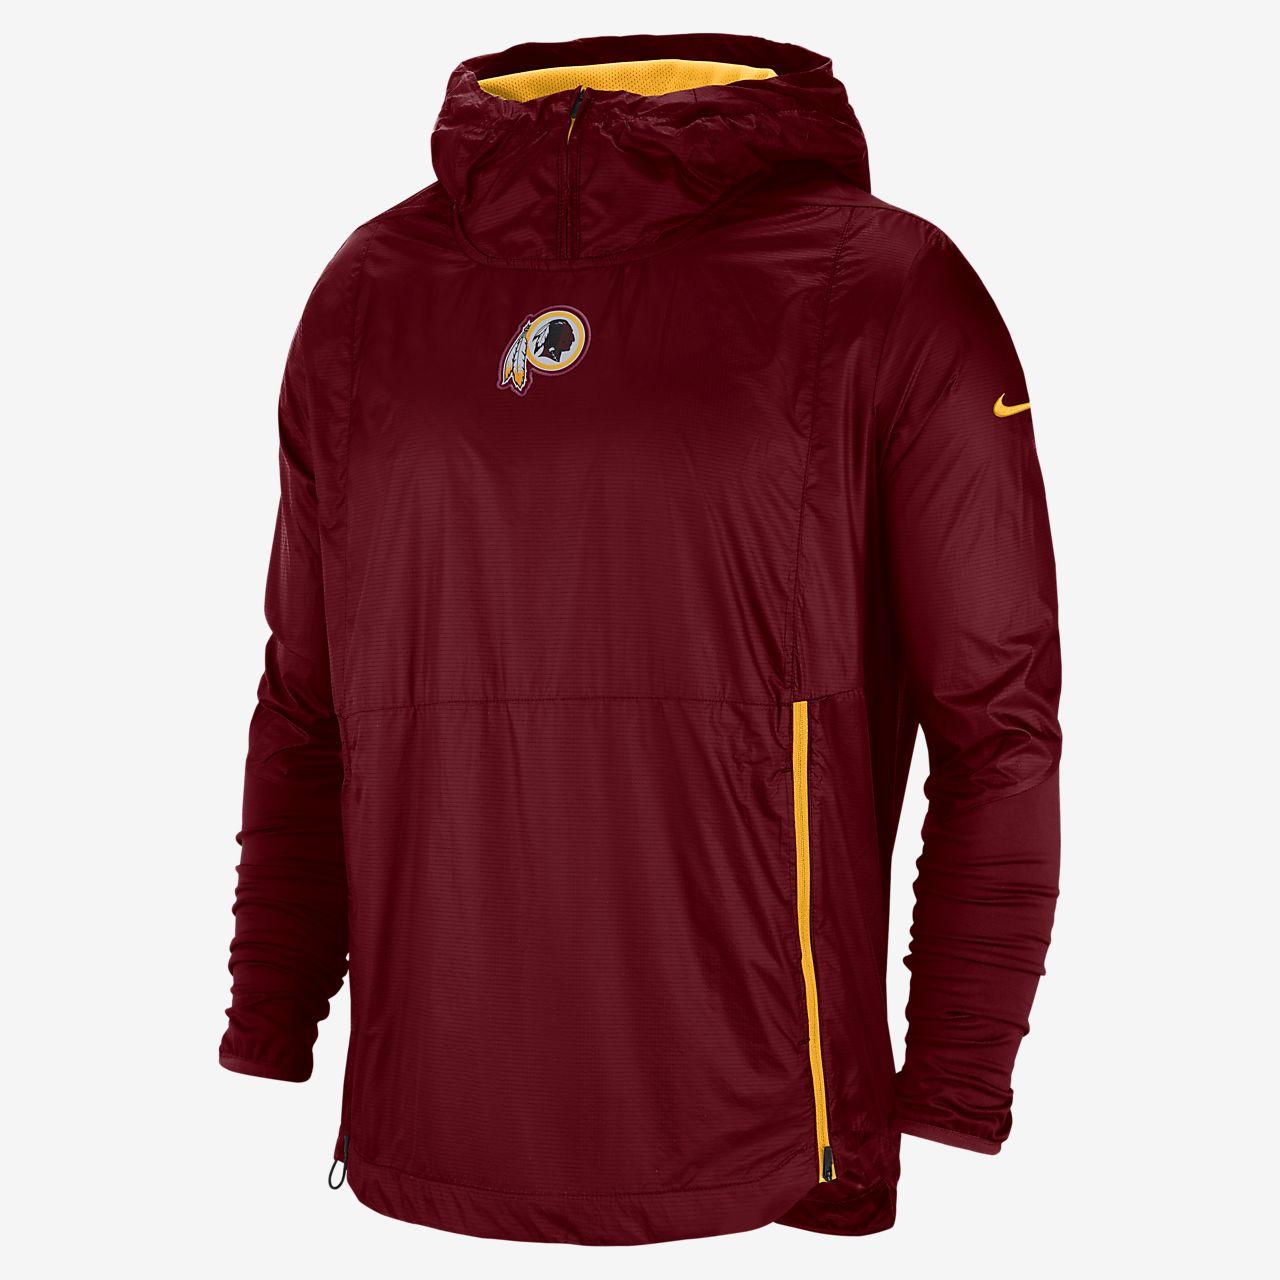 bd64117b5796 Nike Alpha Fly Rush (NFL Redskins) Men s Jacket. Nike.com